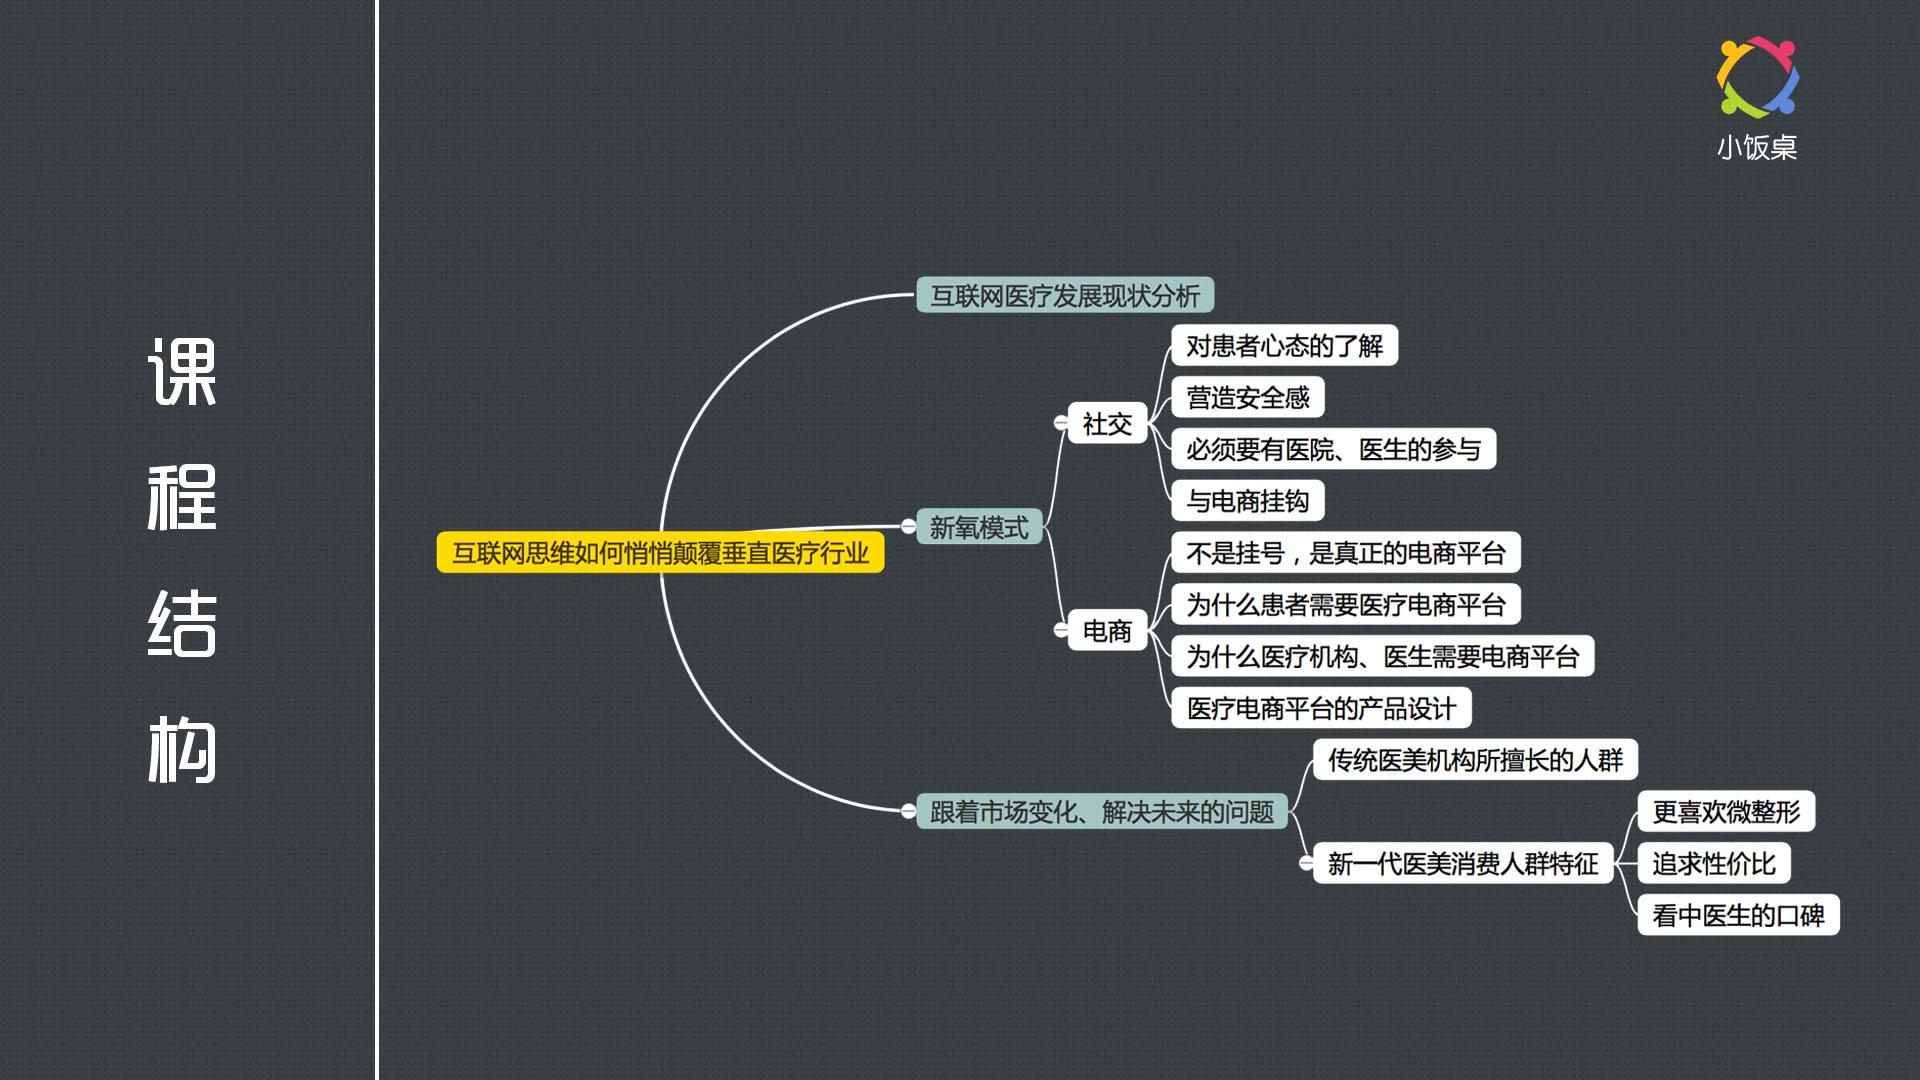 思维导图-金星.jpg